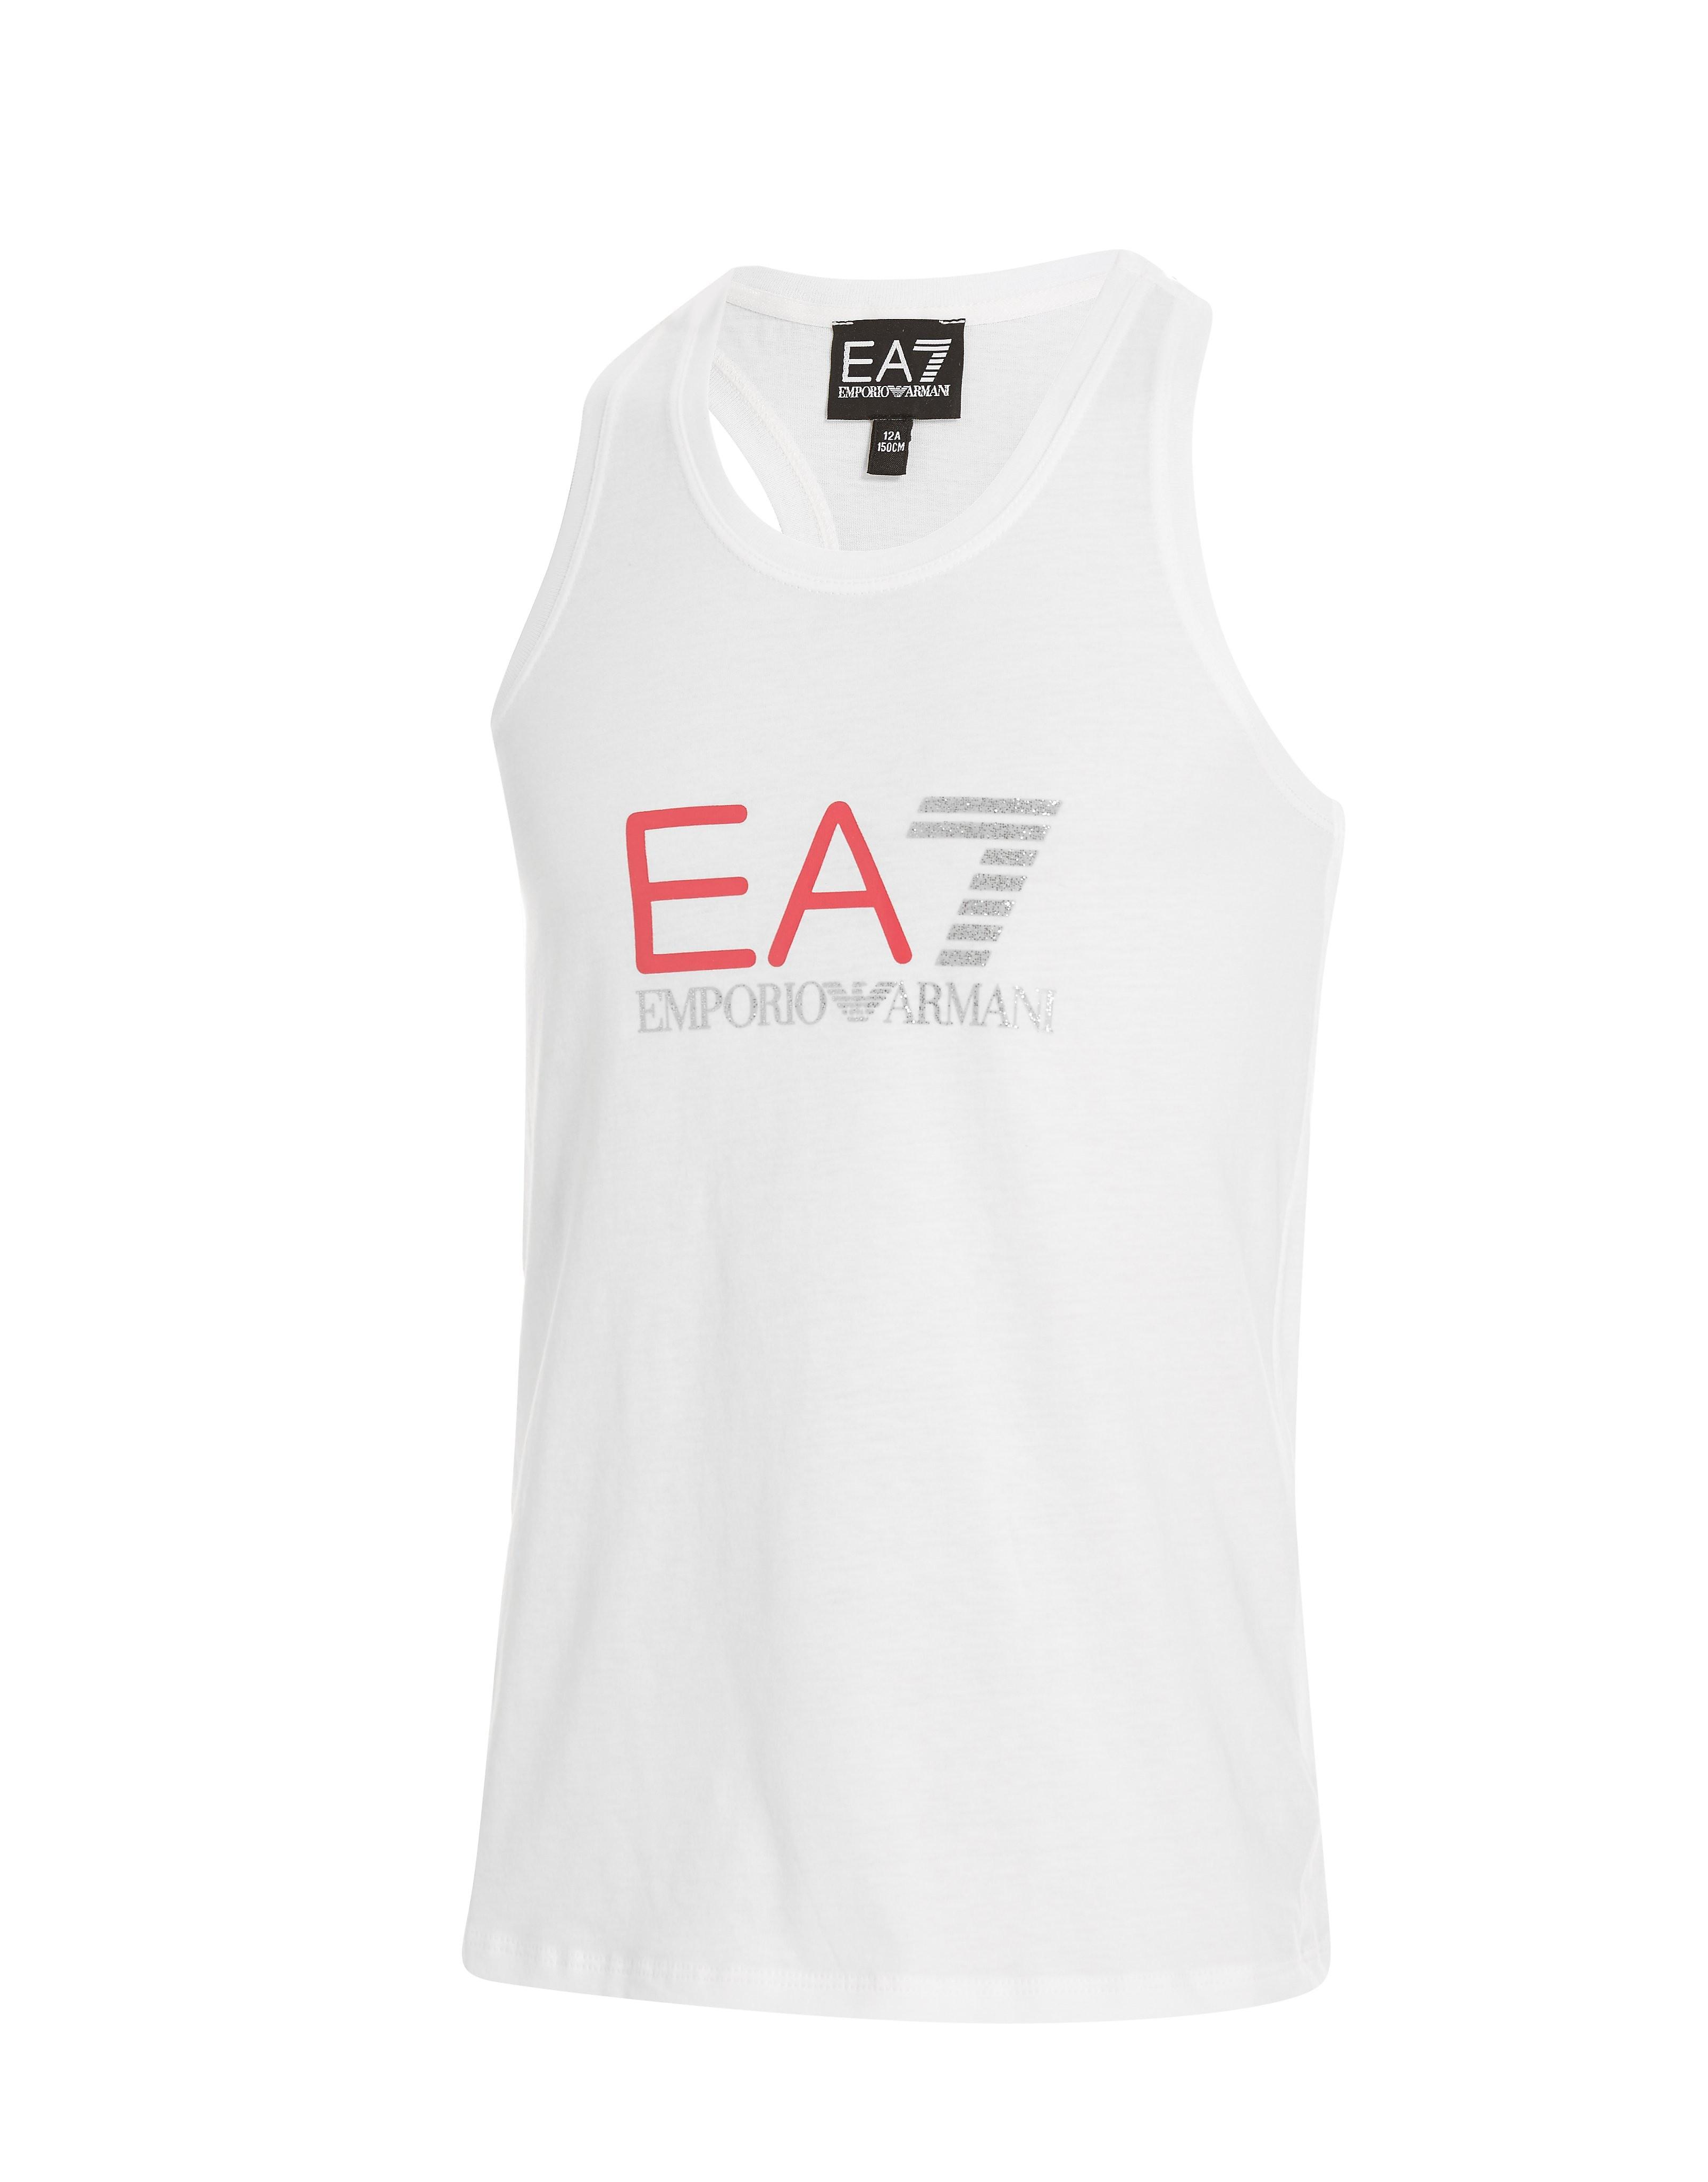 Emporio Armani EA7 Girls' Gloss Vest Junior